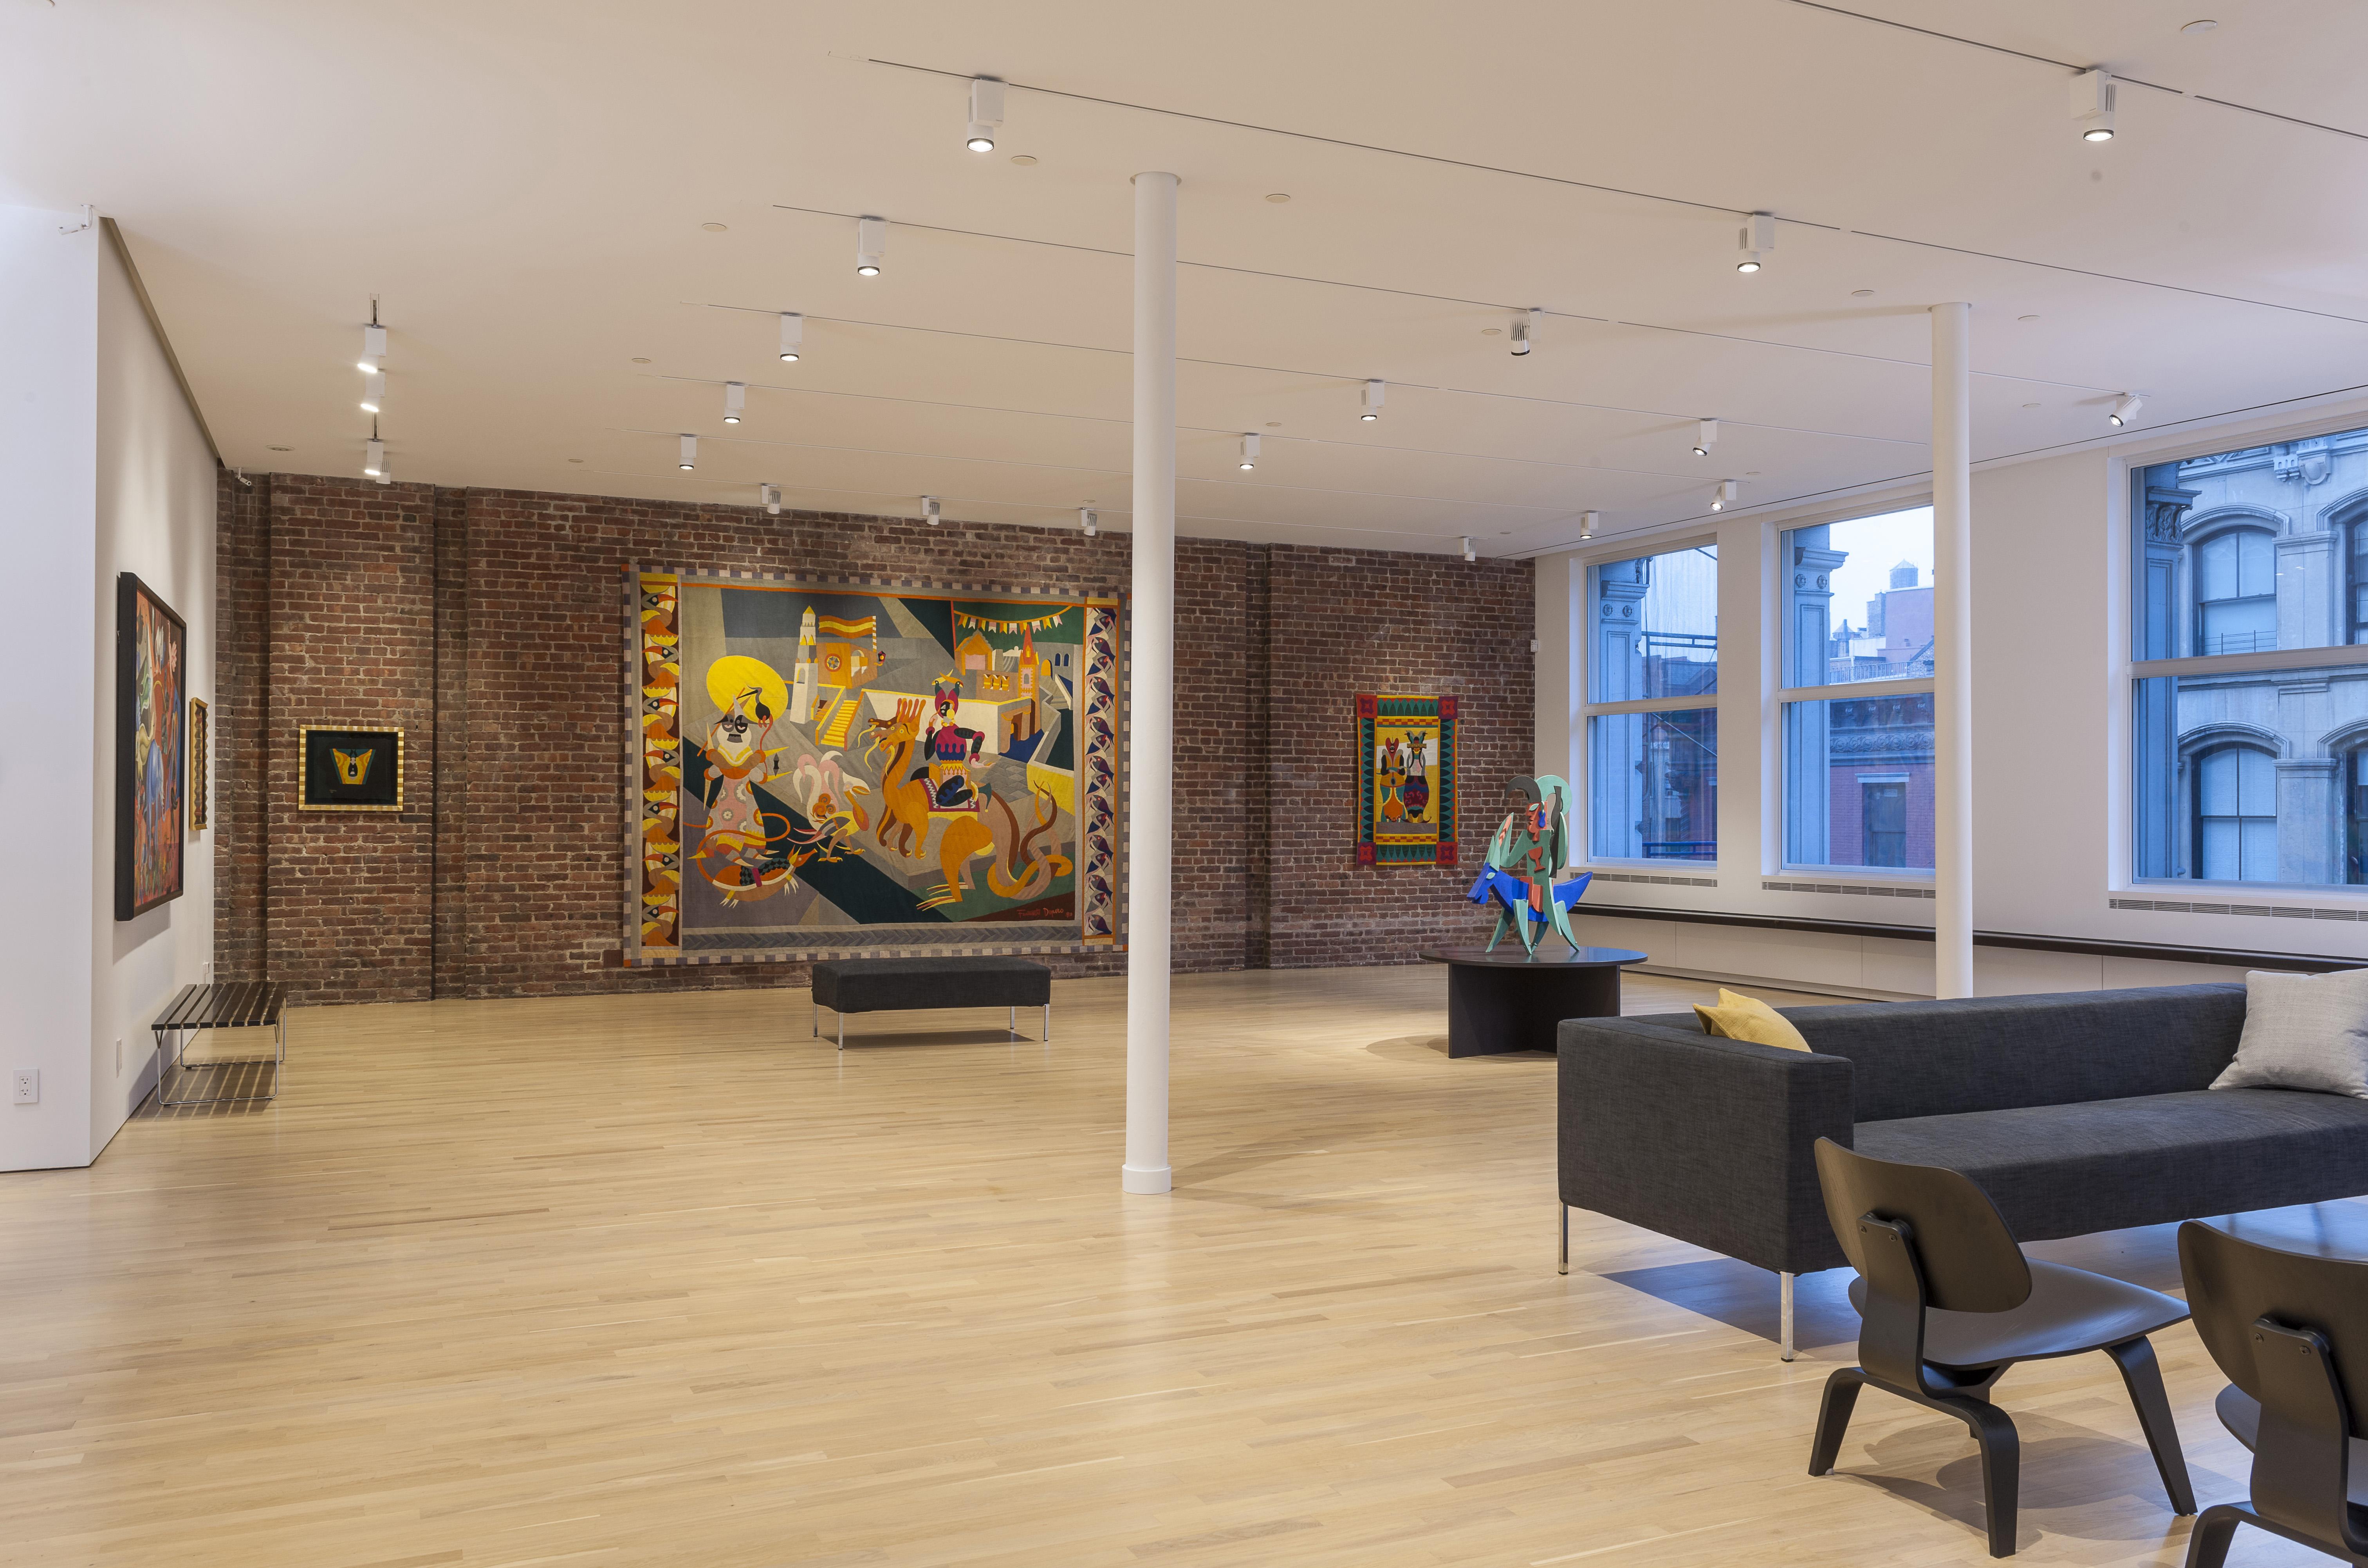 CIMA - Center for Italian Modern Art, New York 2014 - photo Walter Smalling Jr.